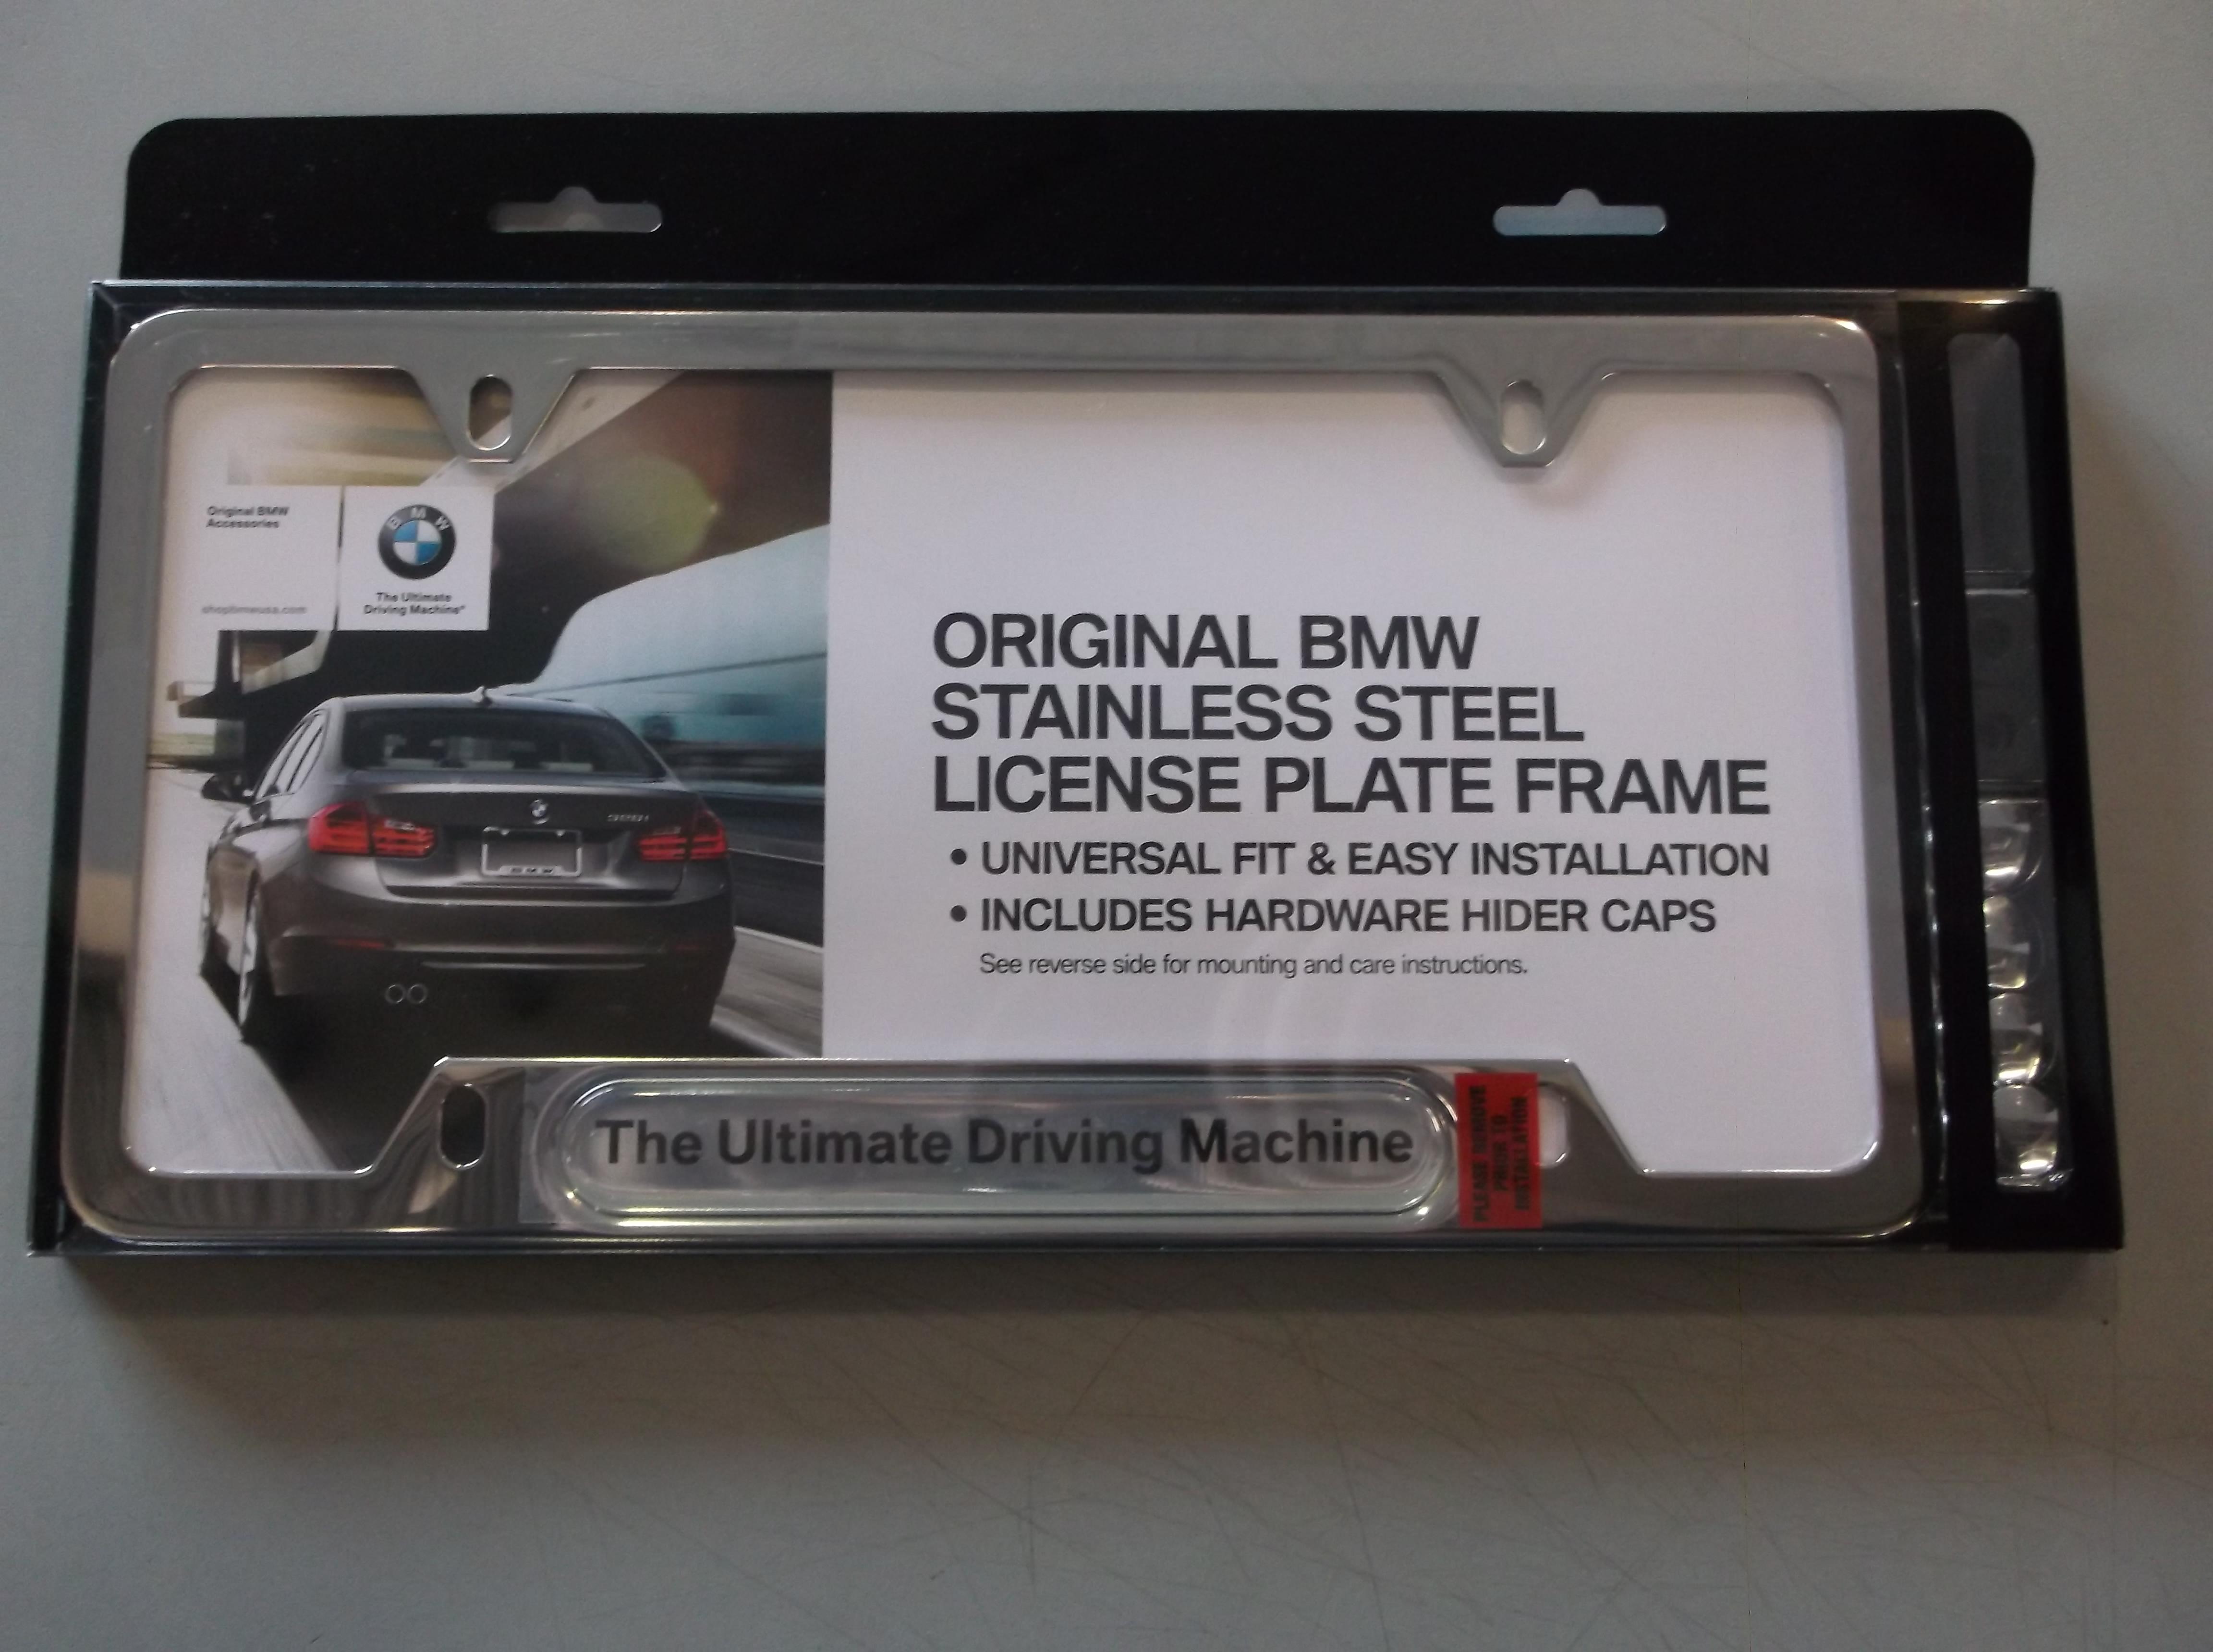 bmw license plate frame ultimate driving machine 82112210416 ebay. Black Bedroom Furniture Sets. Home Design Ideas